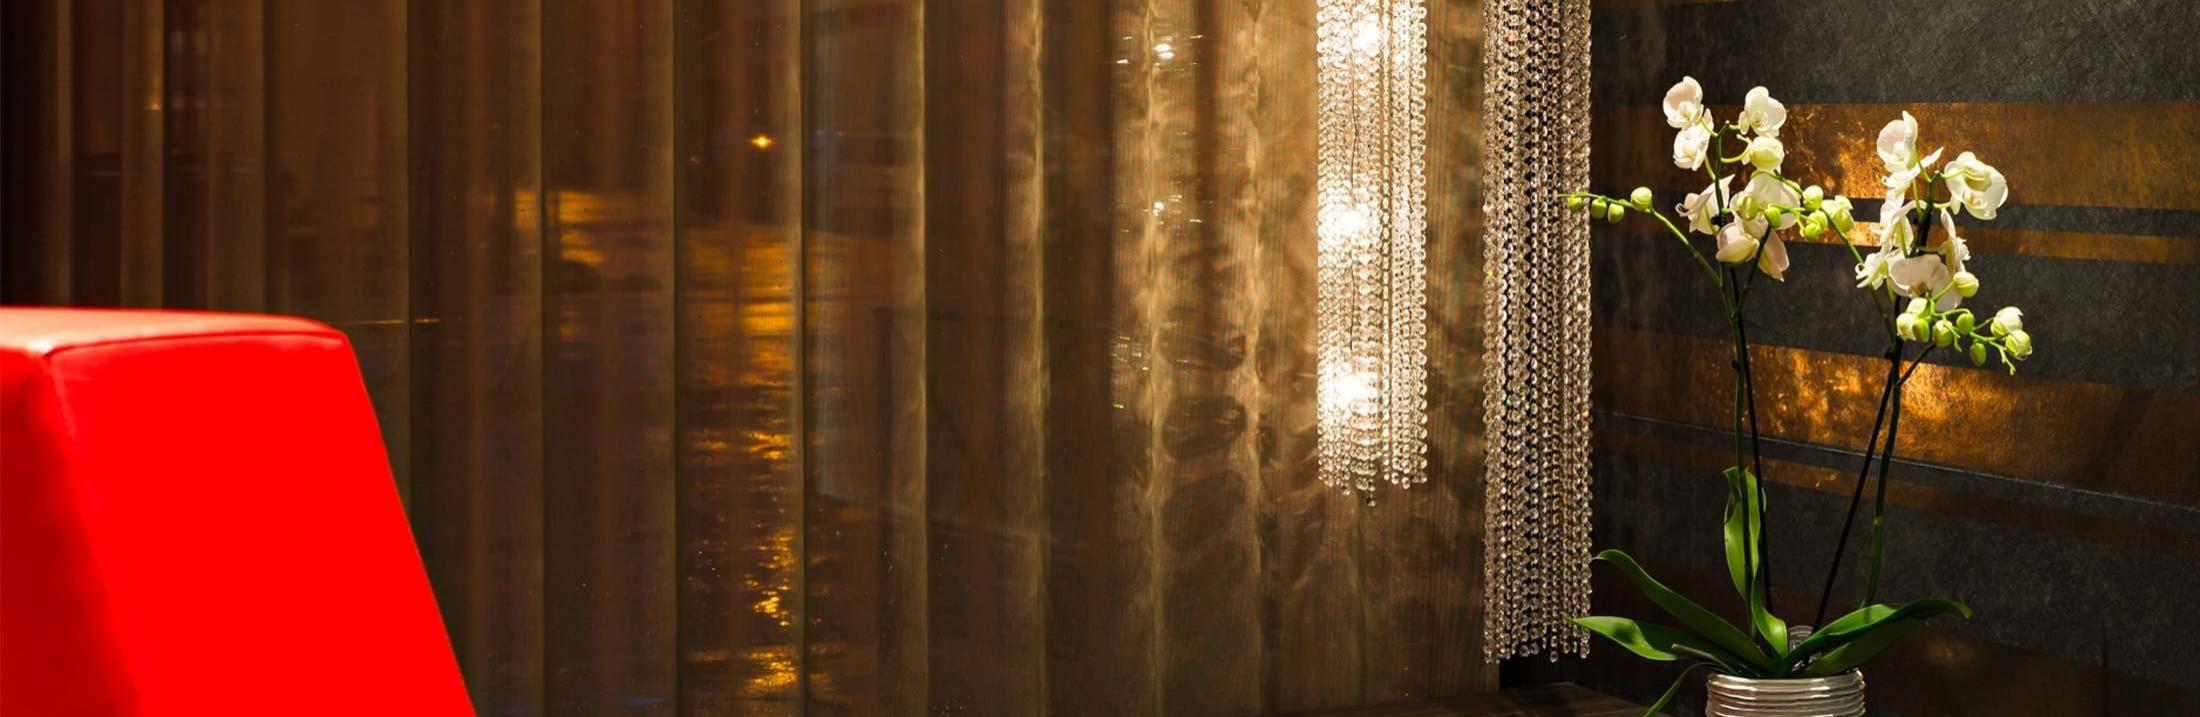 Hotel de Brienne - Details